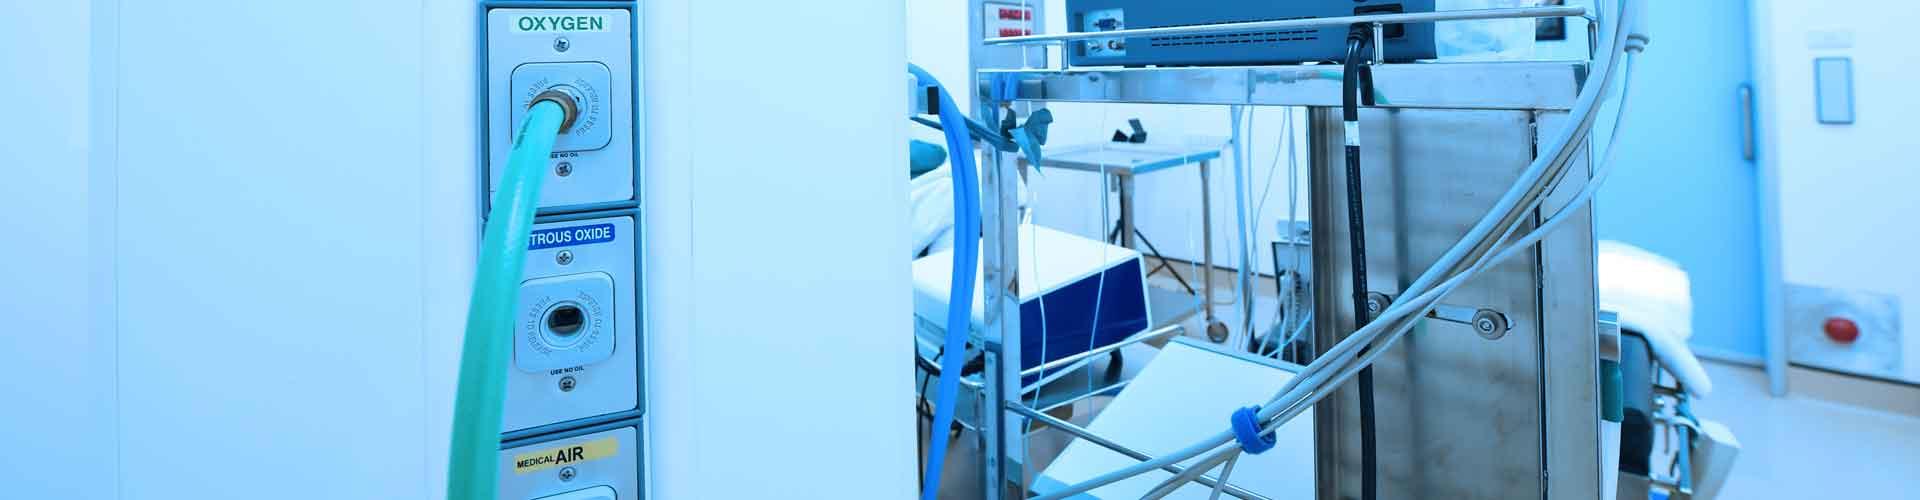 Medical Gas Testing